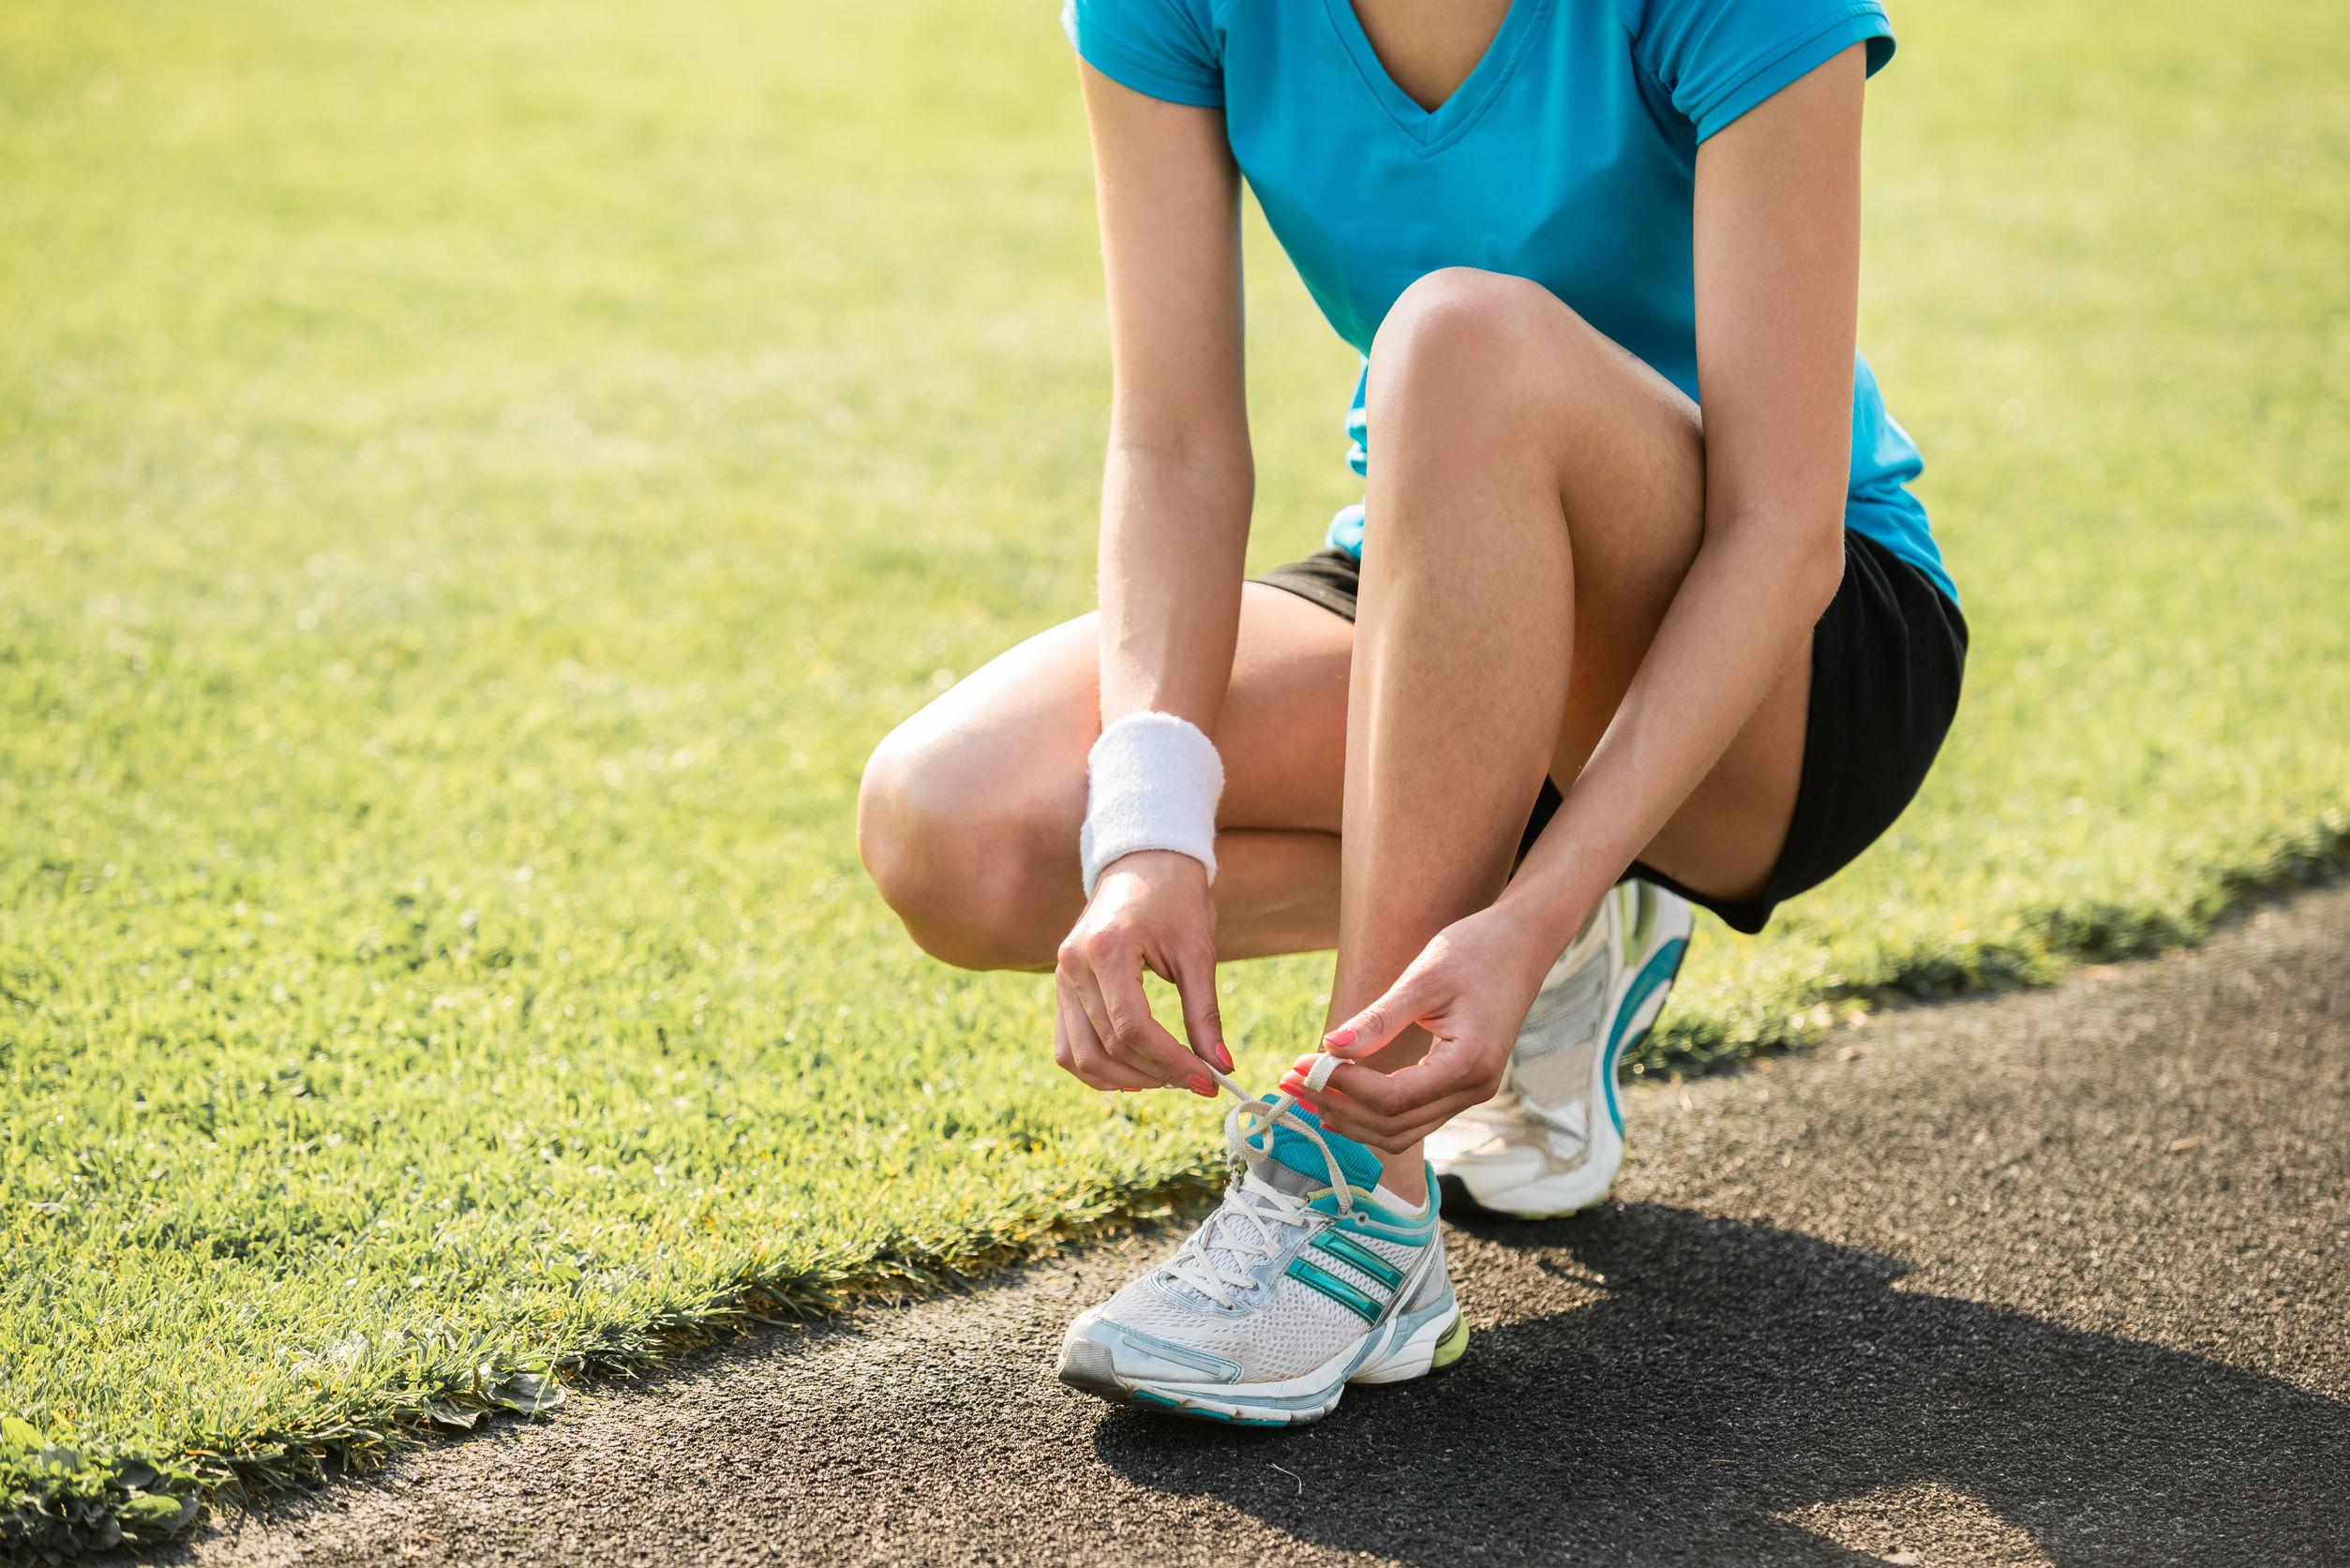 mulher amarrando o tênis de corrida